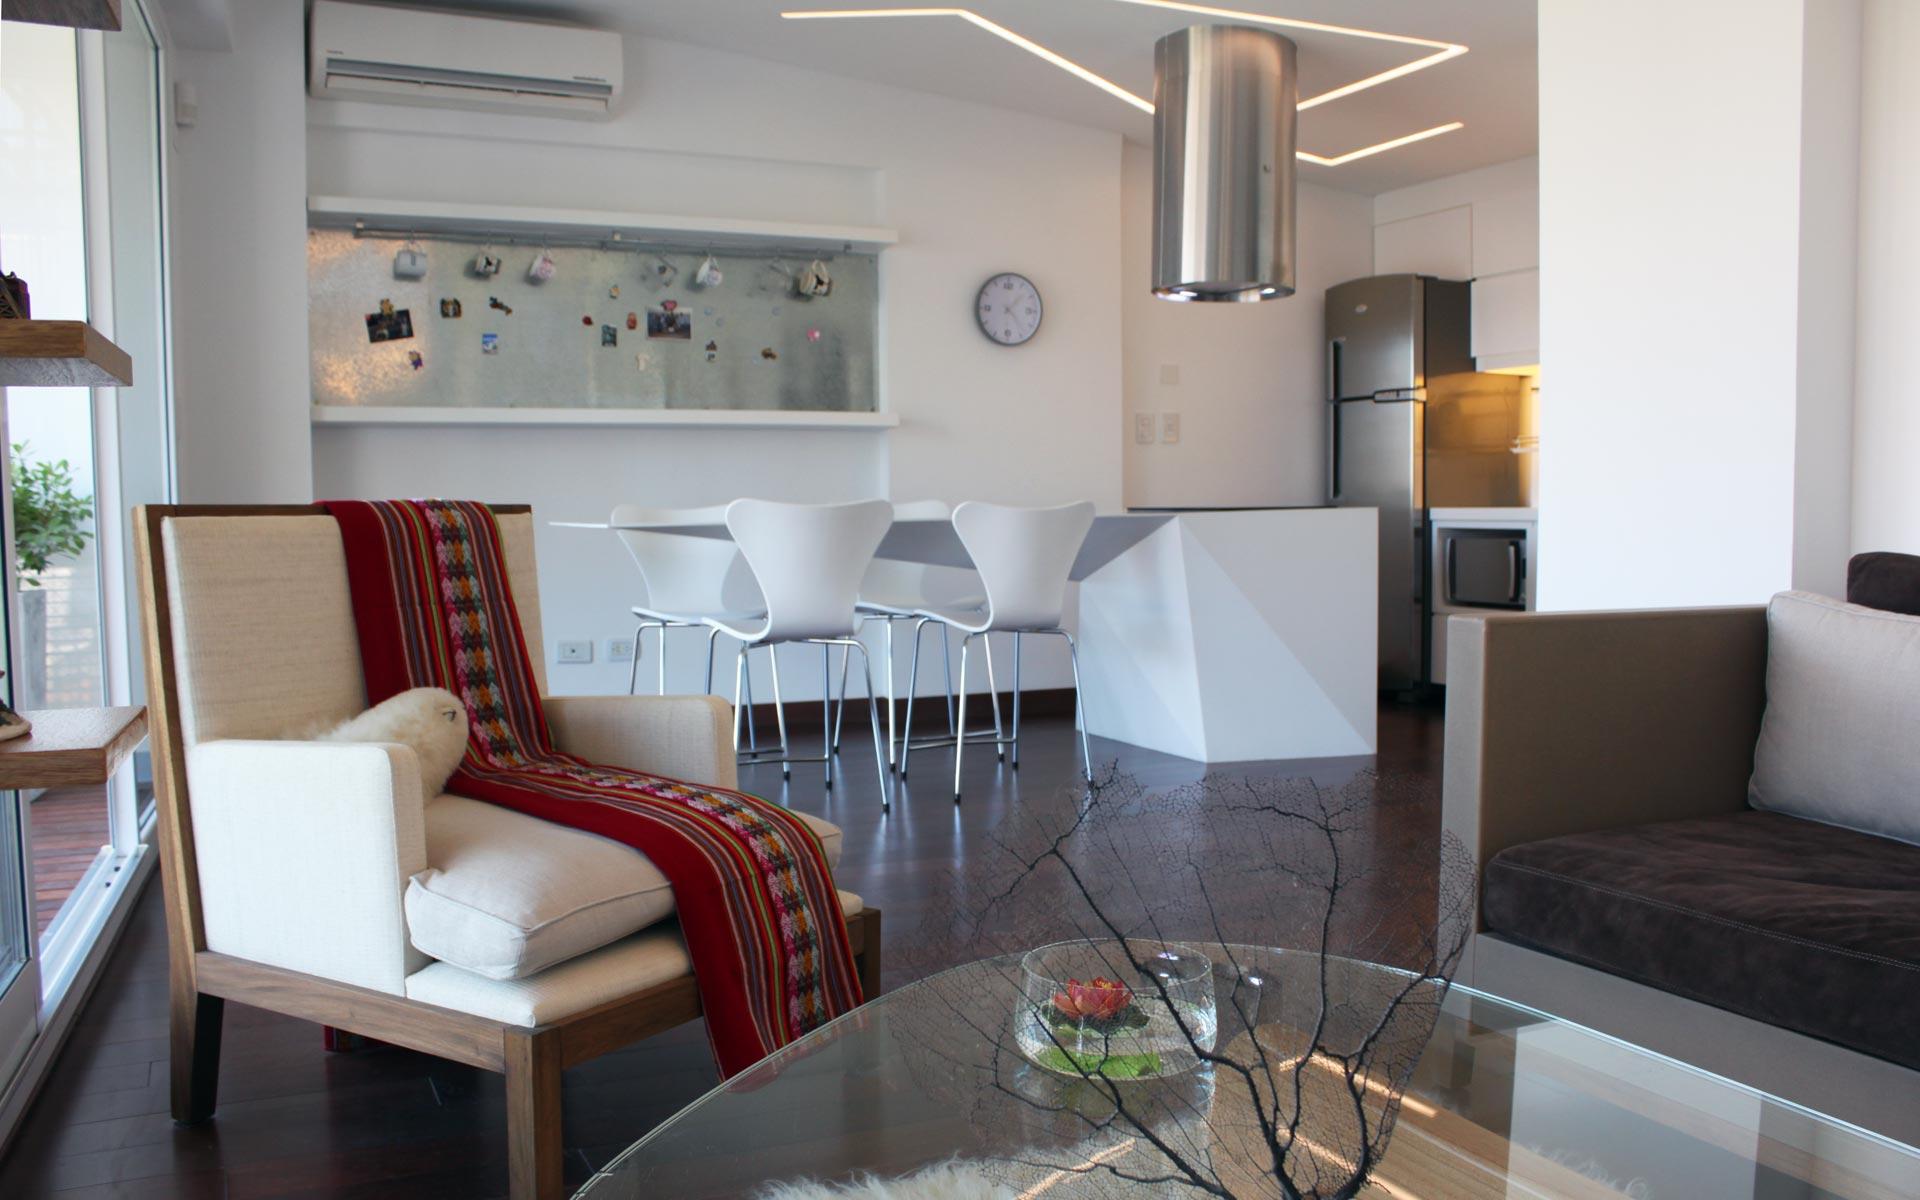 Reforma de departamento y deco, Isla de cocina con mesada flotante en corian blanco, sillas butterfly blancas, sofa gris el departamento reformado a nuevo